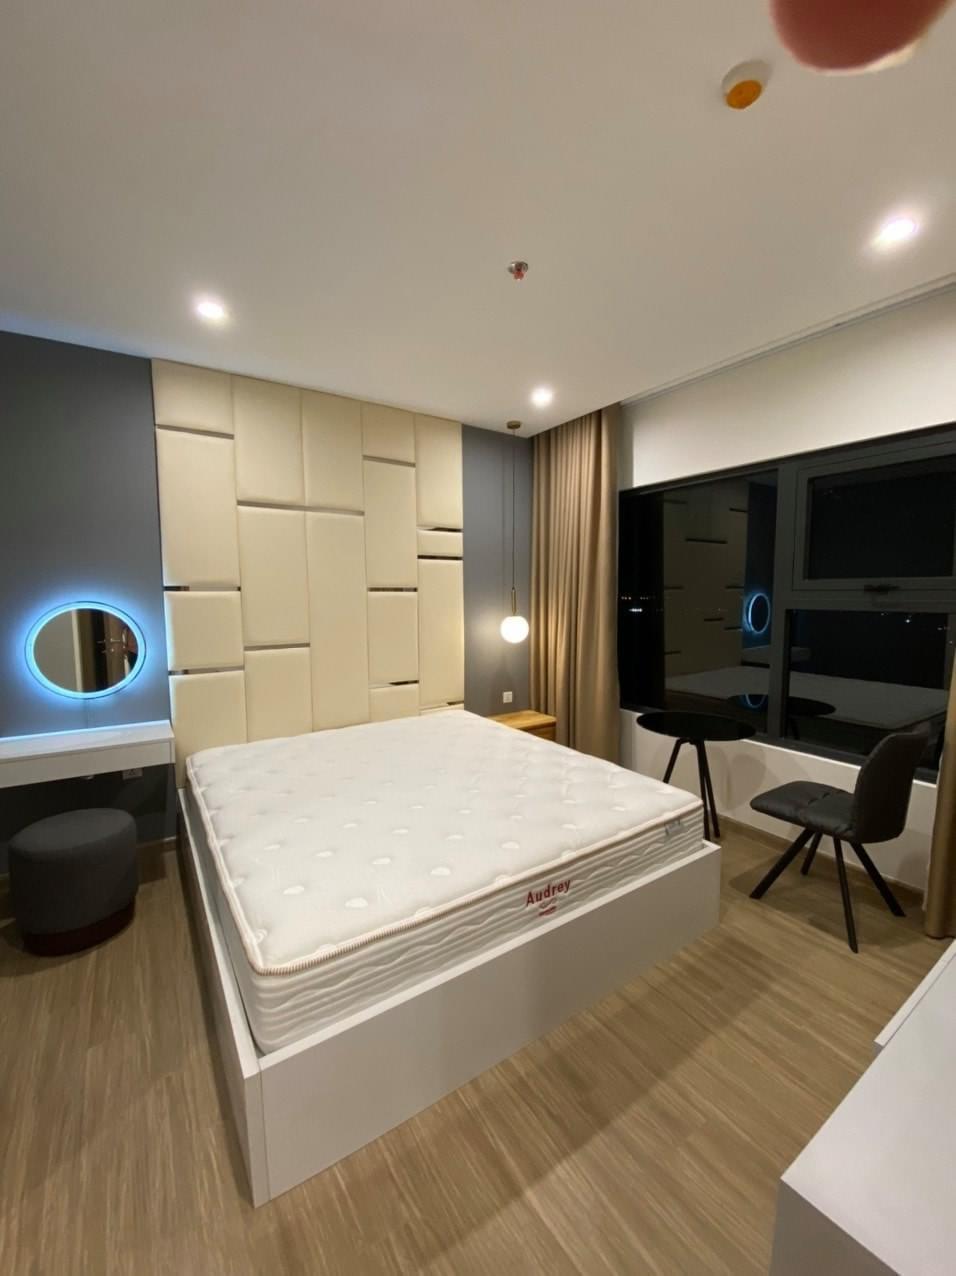 Căn hộ 3 phòng ngủ Toà S5.03 đầy đủ nội thất 12tr/tháng 7